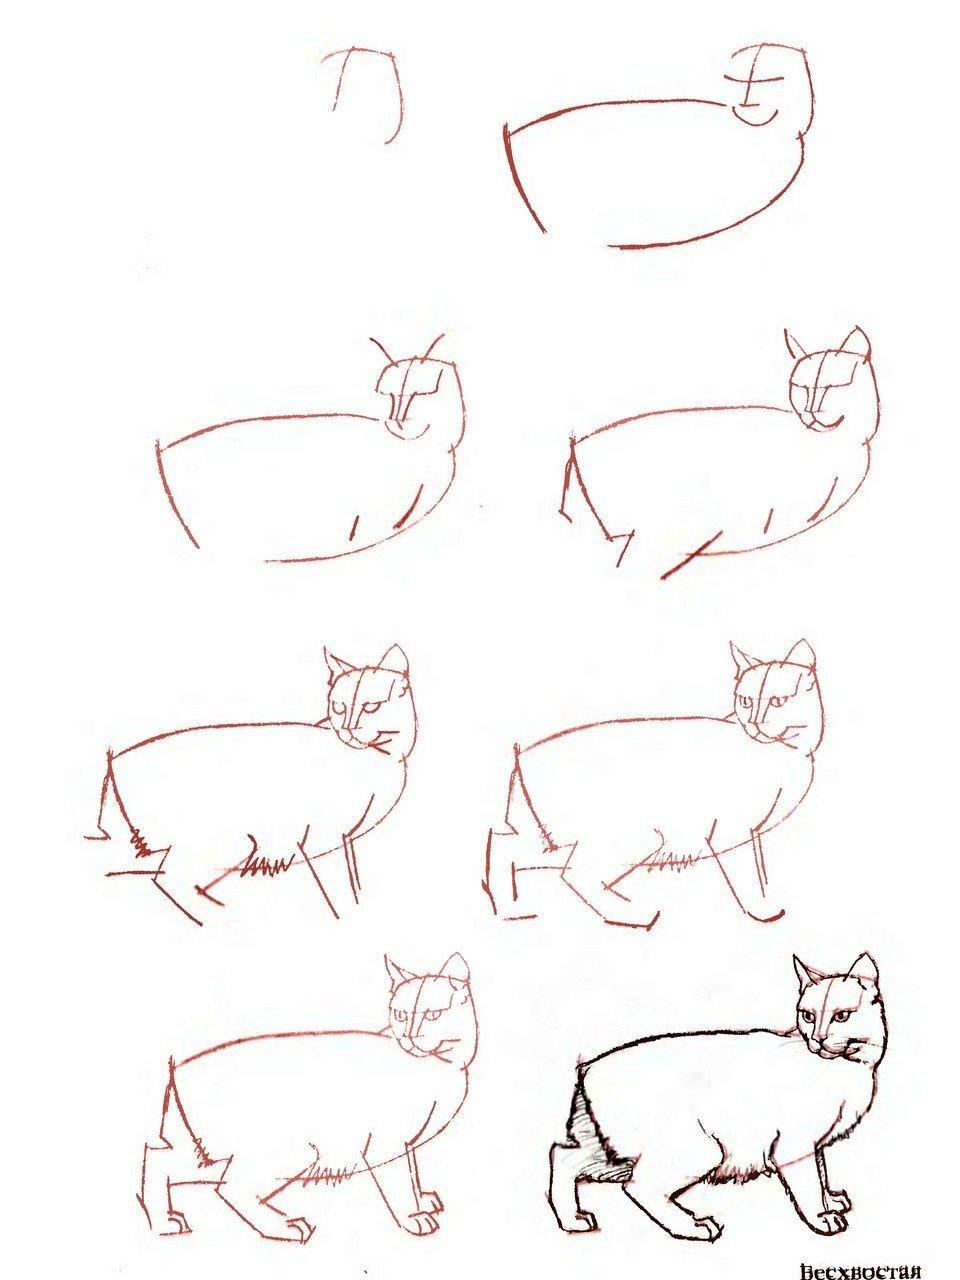 правило, коты картинки поэтапно для гулять улочками, любоваться